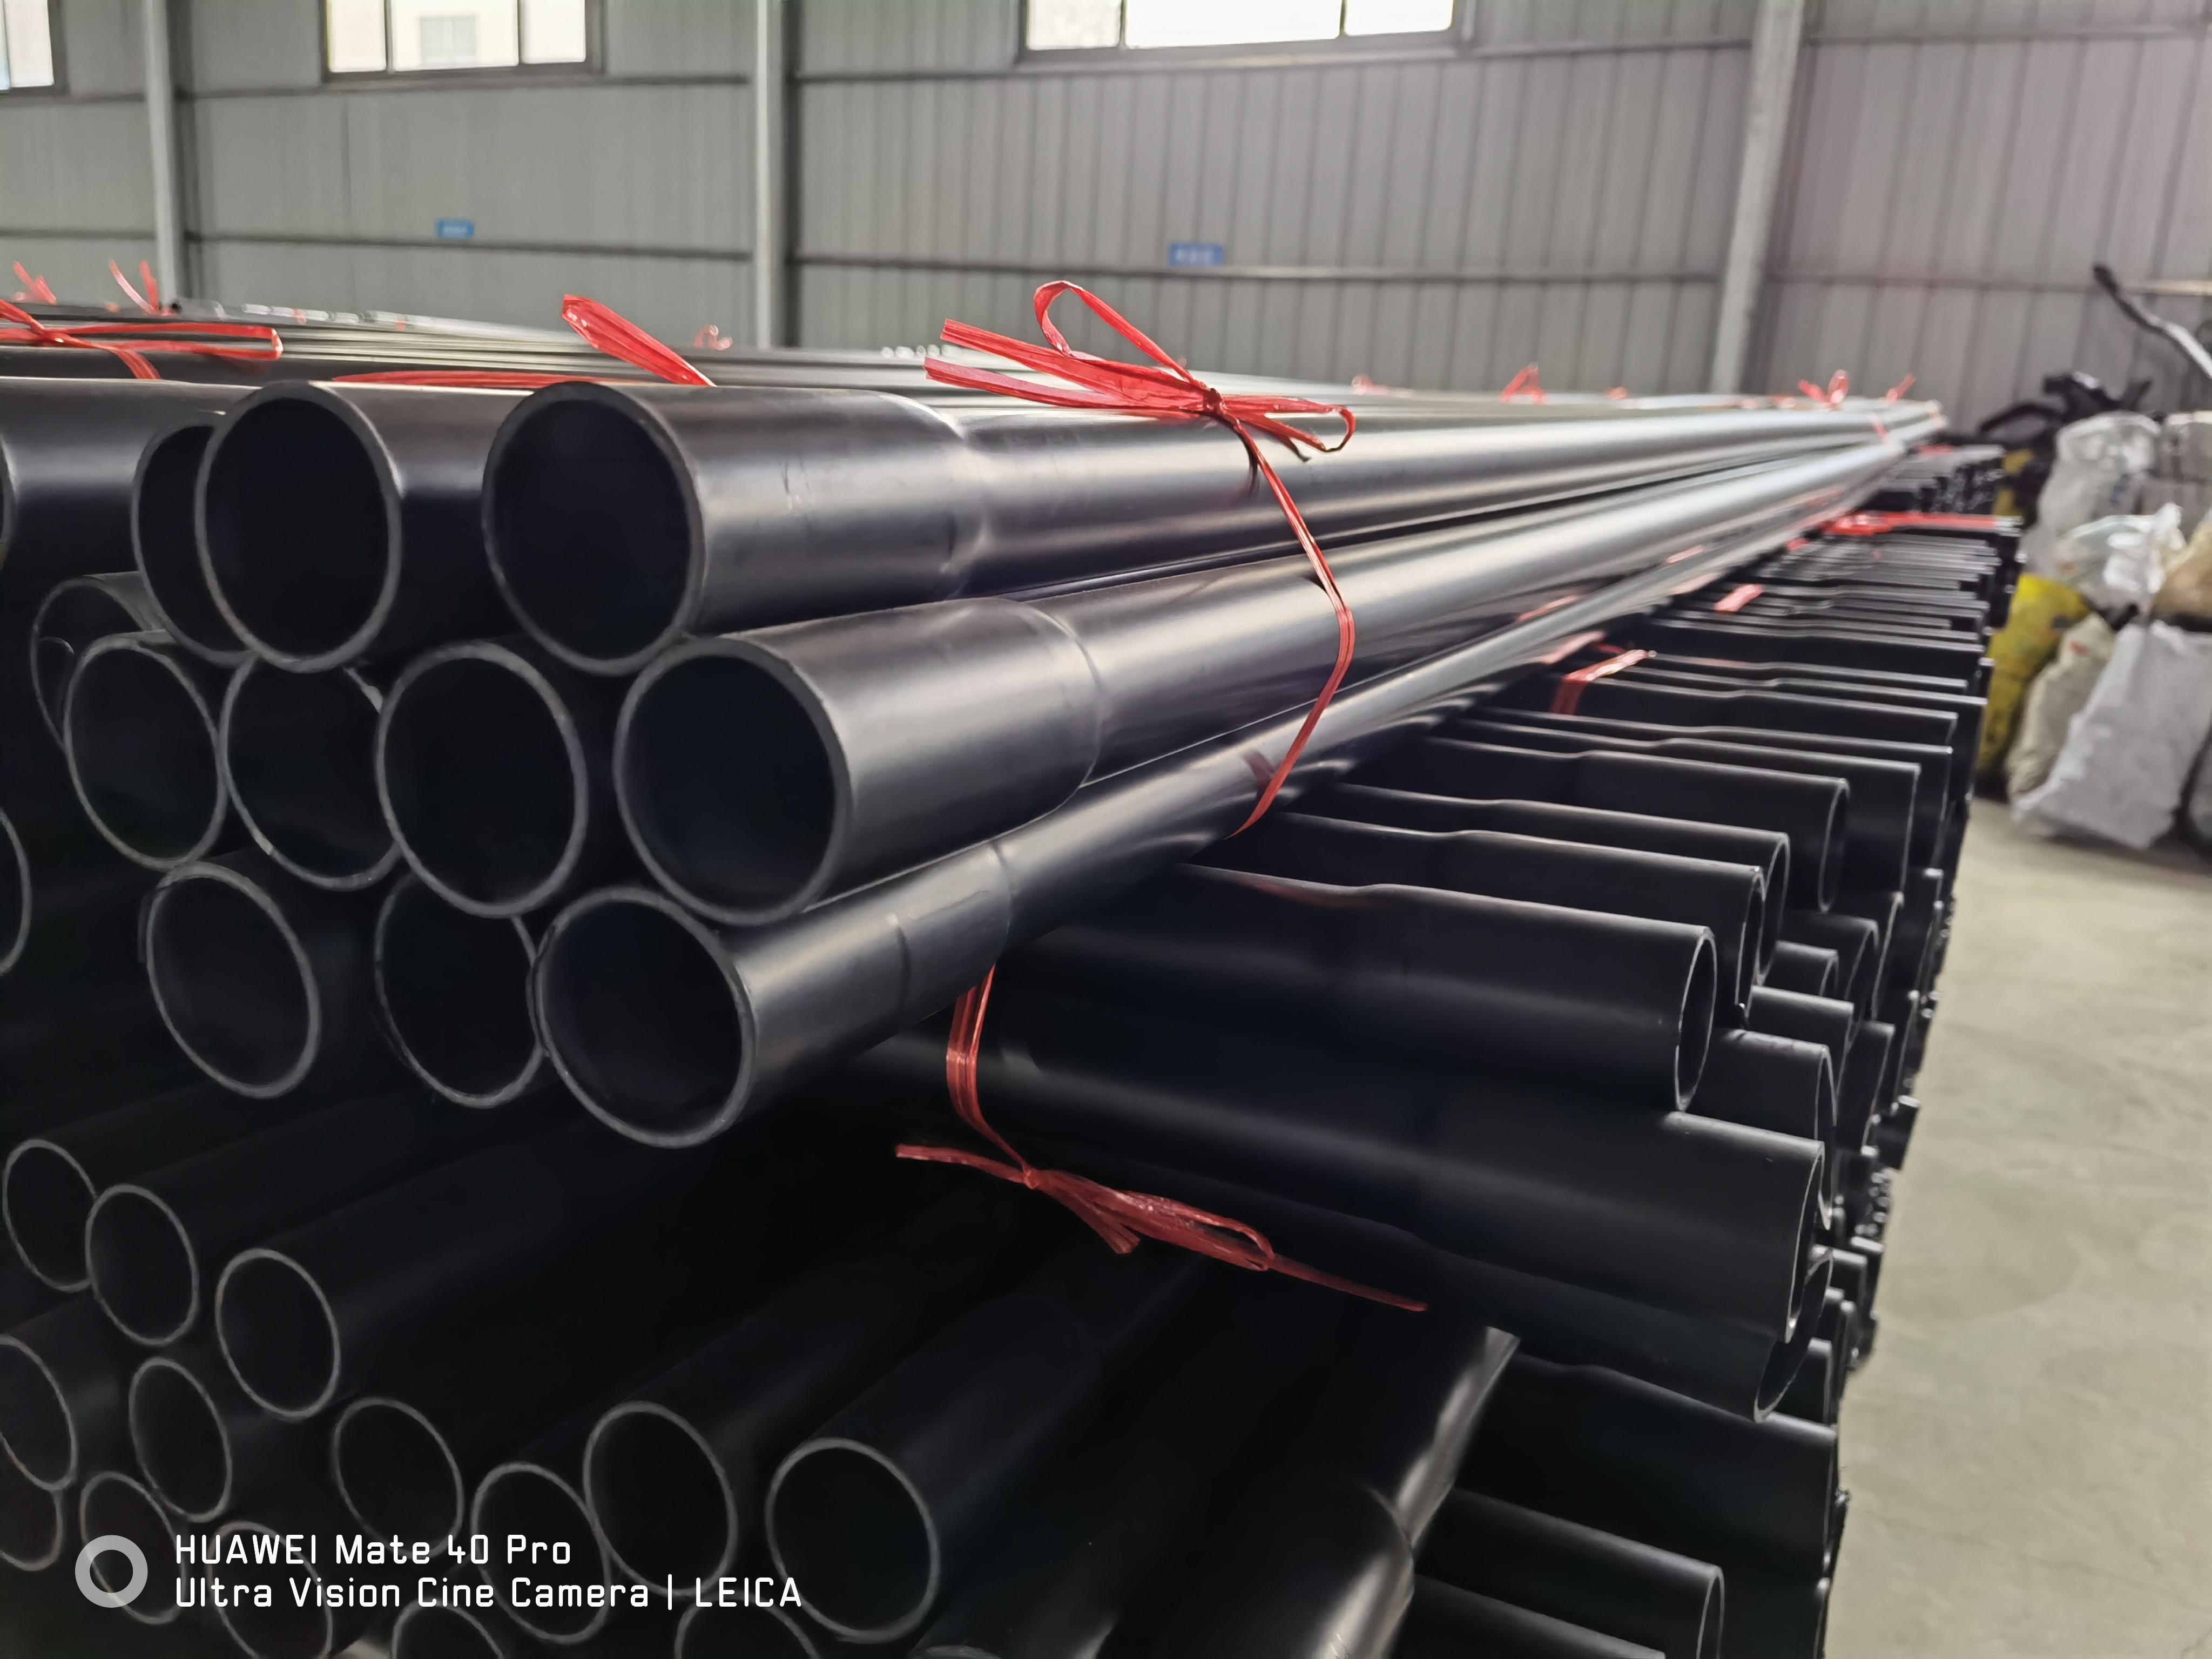 瓦斯抽放管生产厂家_矿用瓦斯抽放管多少钱_河南志林矿山设备有限公司